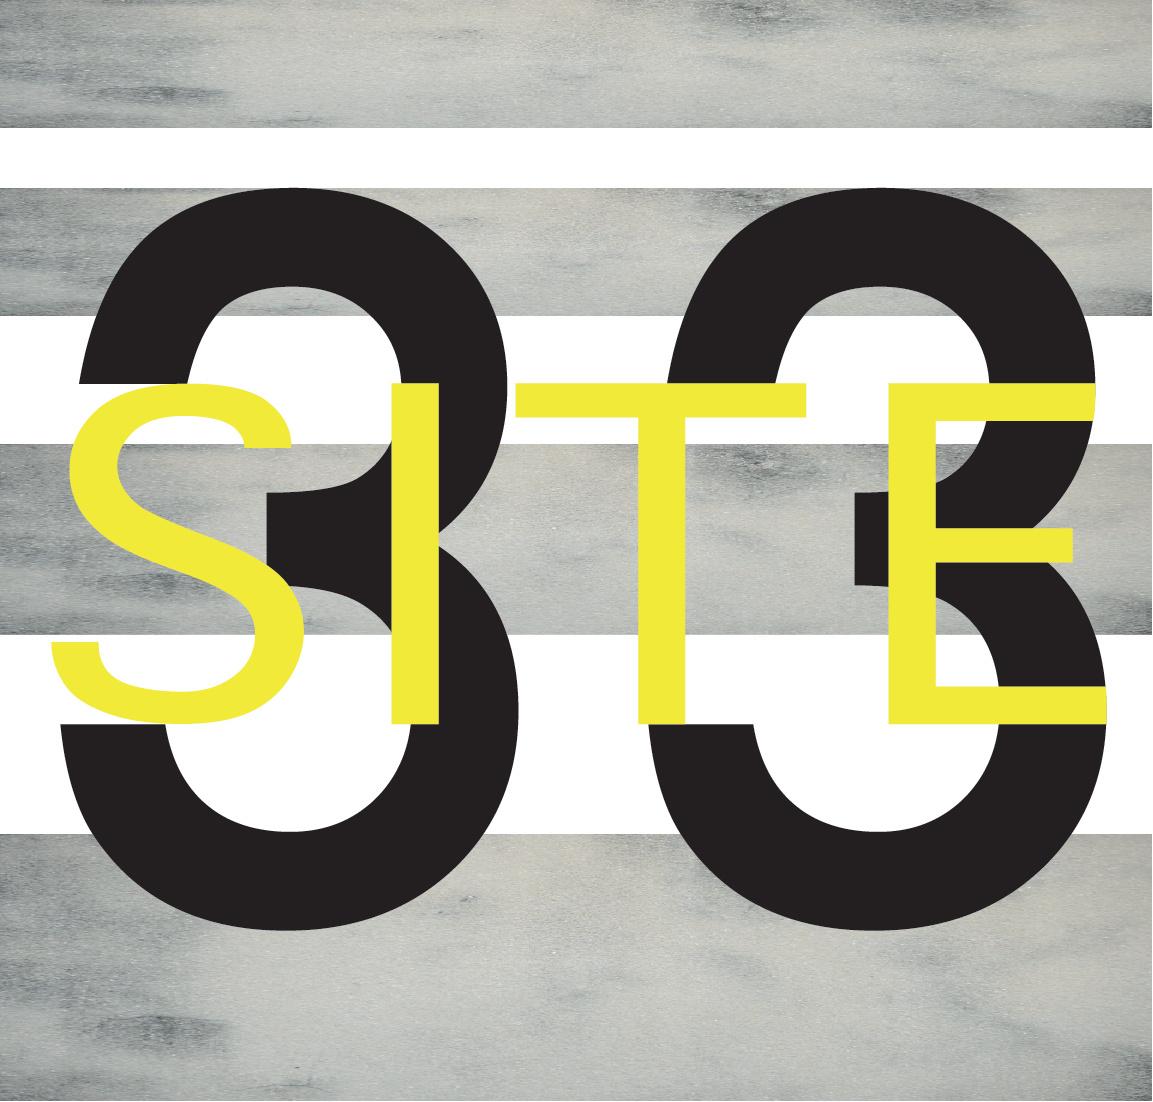 Site33 logo #2